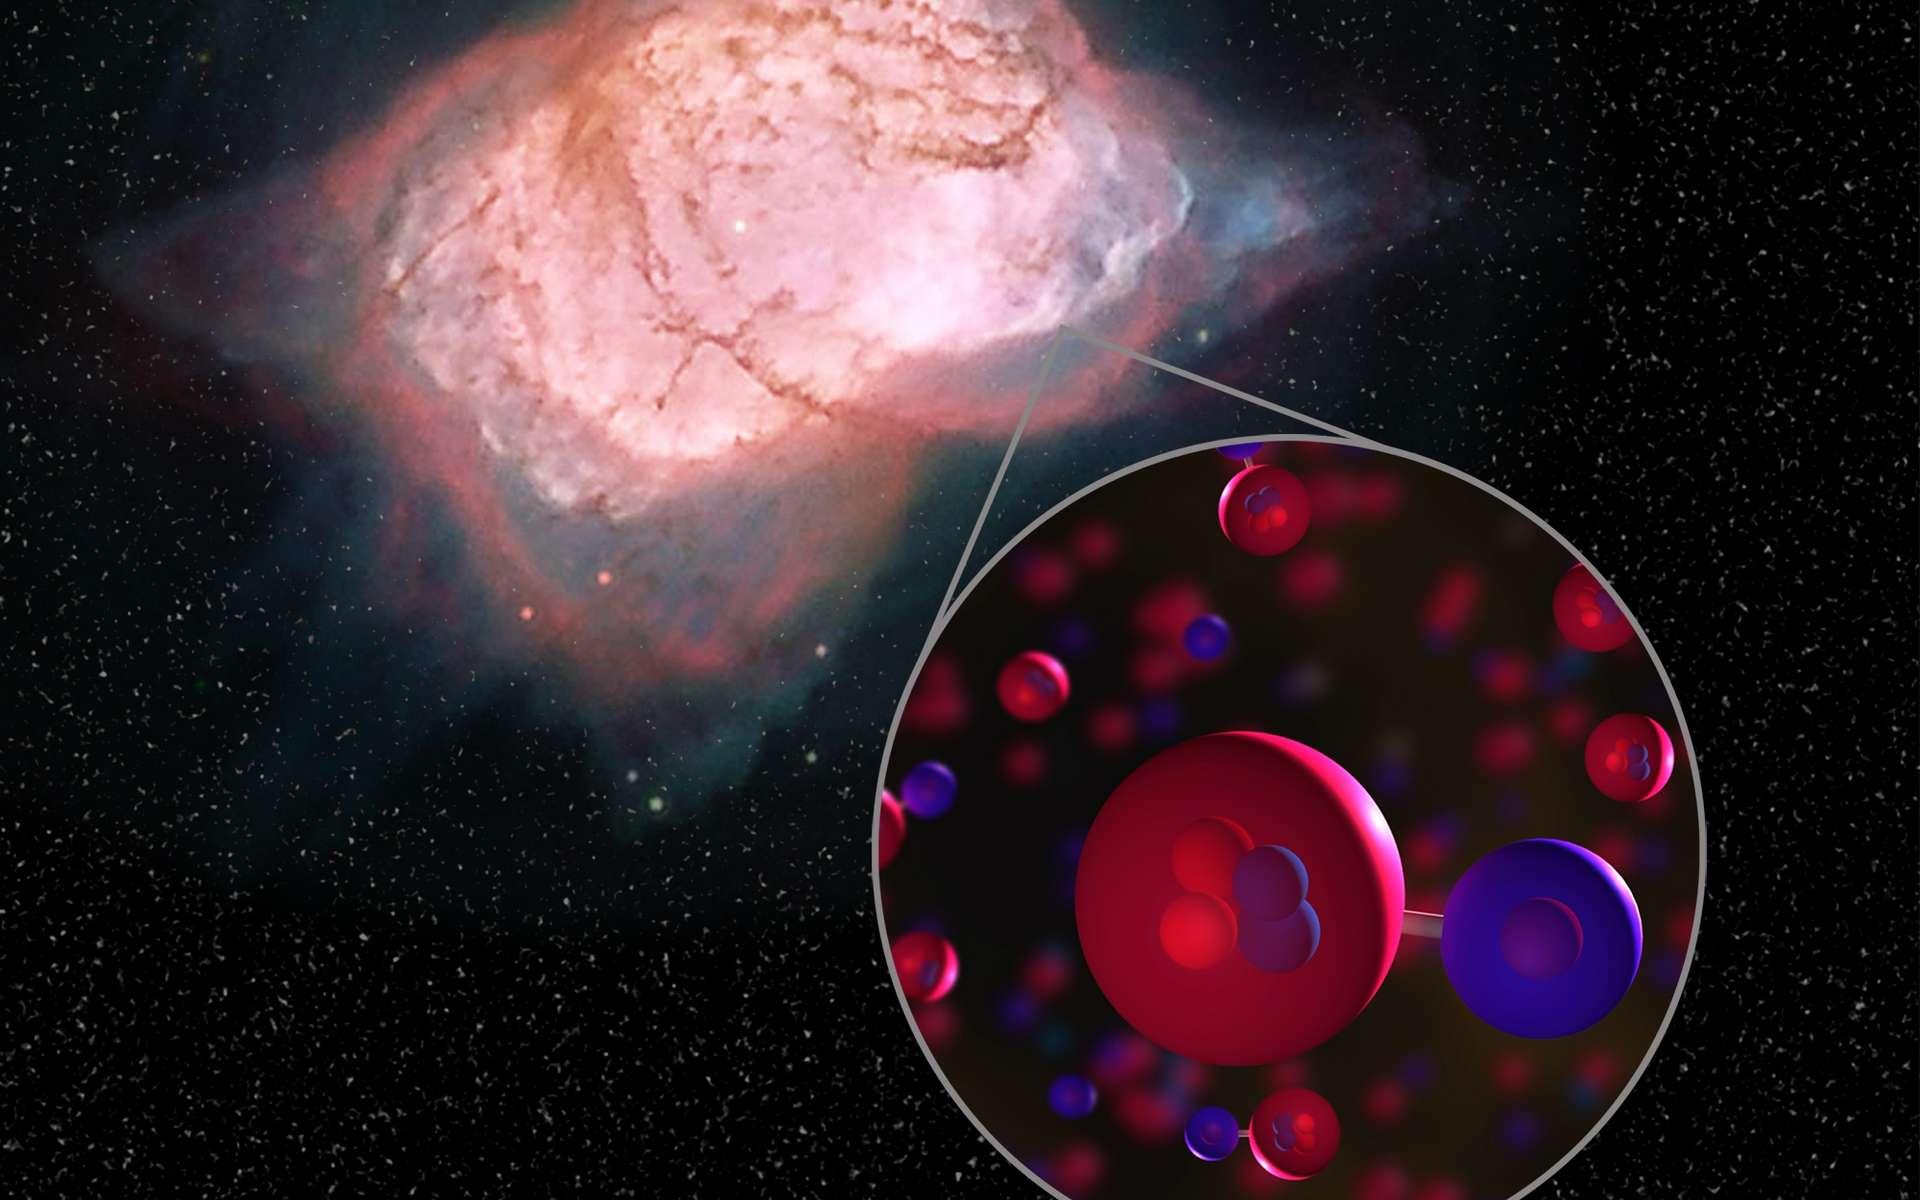 Une vue d'artiste de la présence de molécules d'hydrure d'hélium dans une nébuleuse planétaire, en l'occurrence NGC 7027. © Nasa Sofia, L. Proudfit, D. Rutter